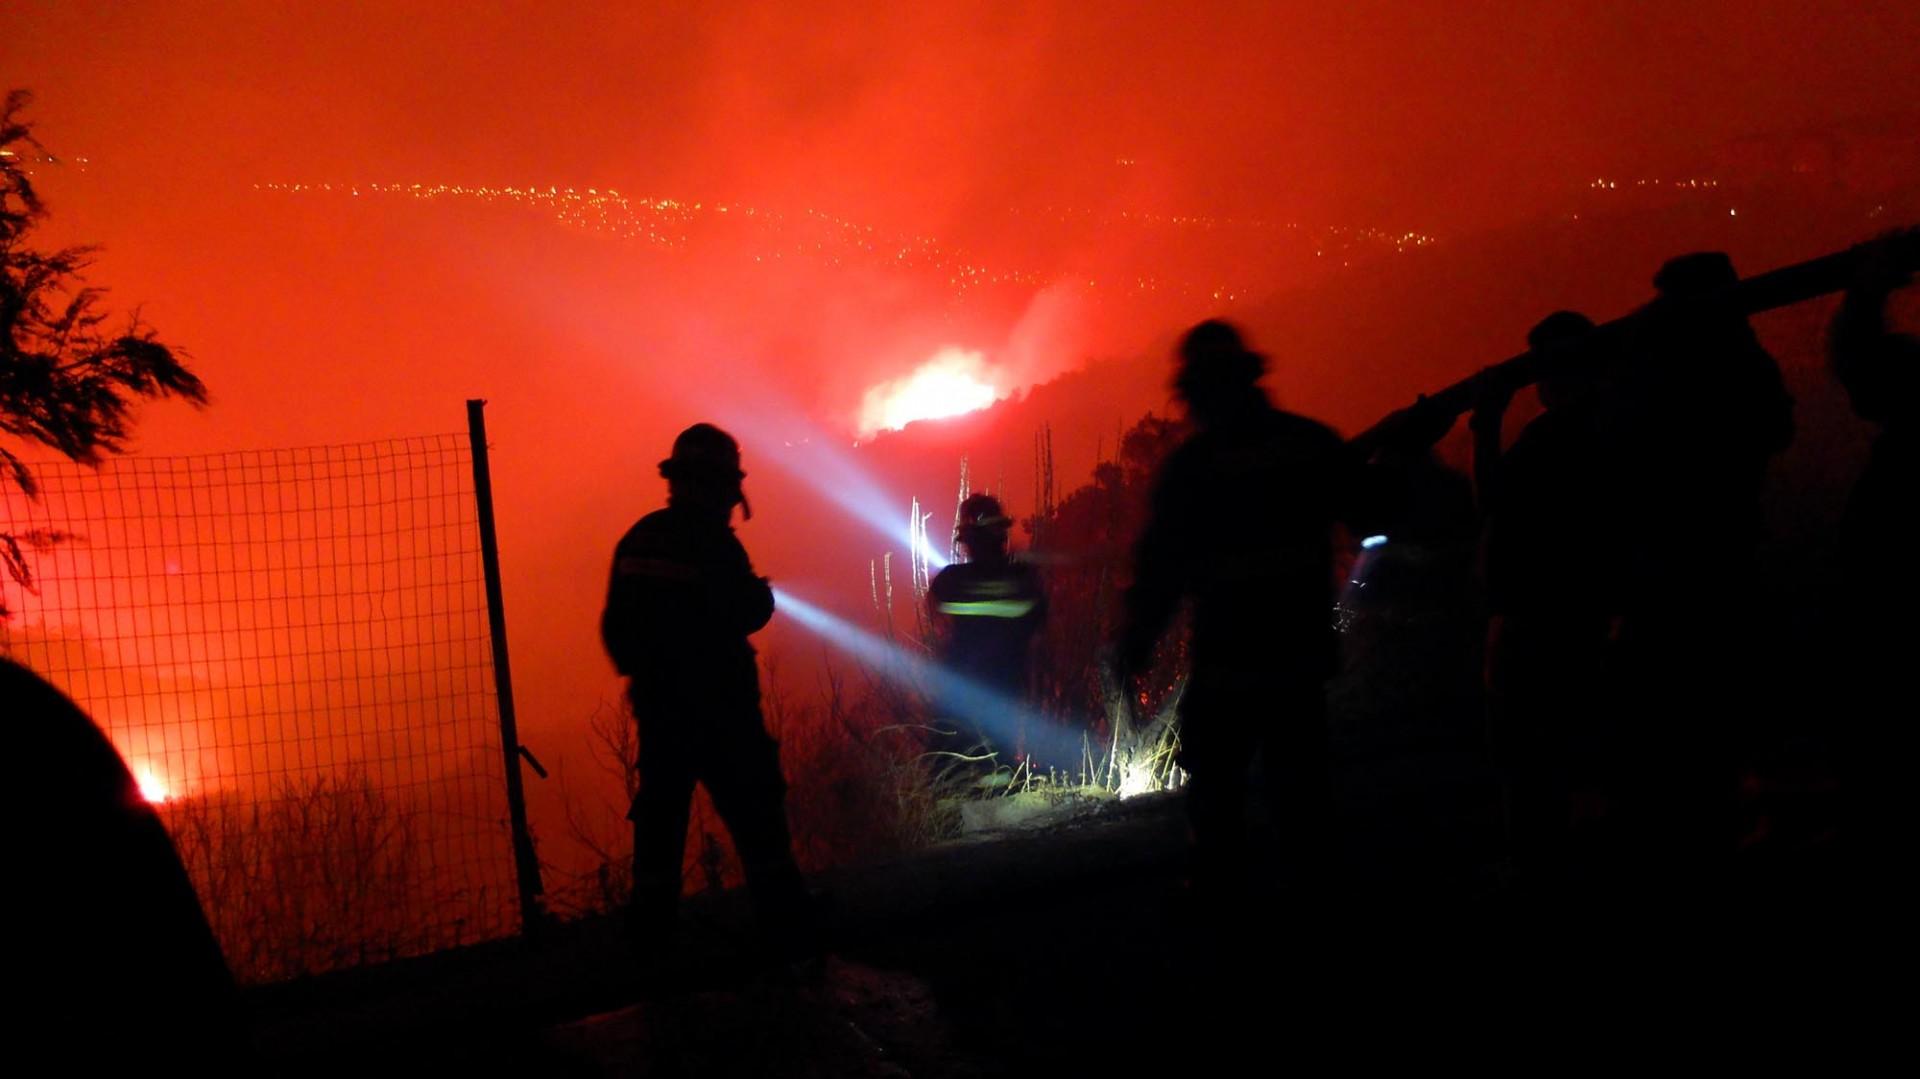 incendio hd 14marzo (13)